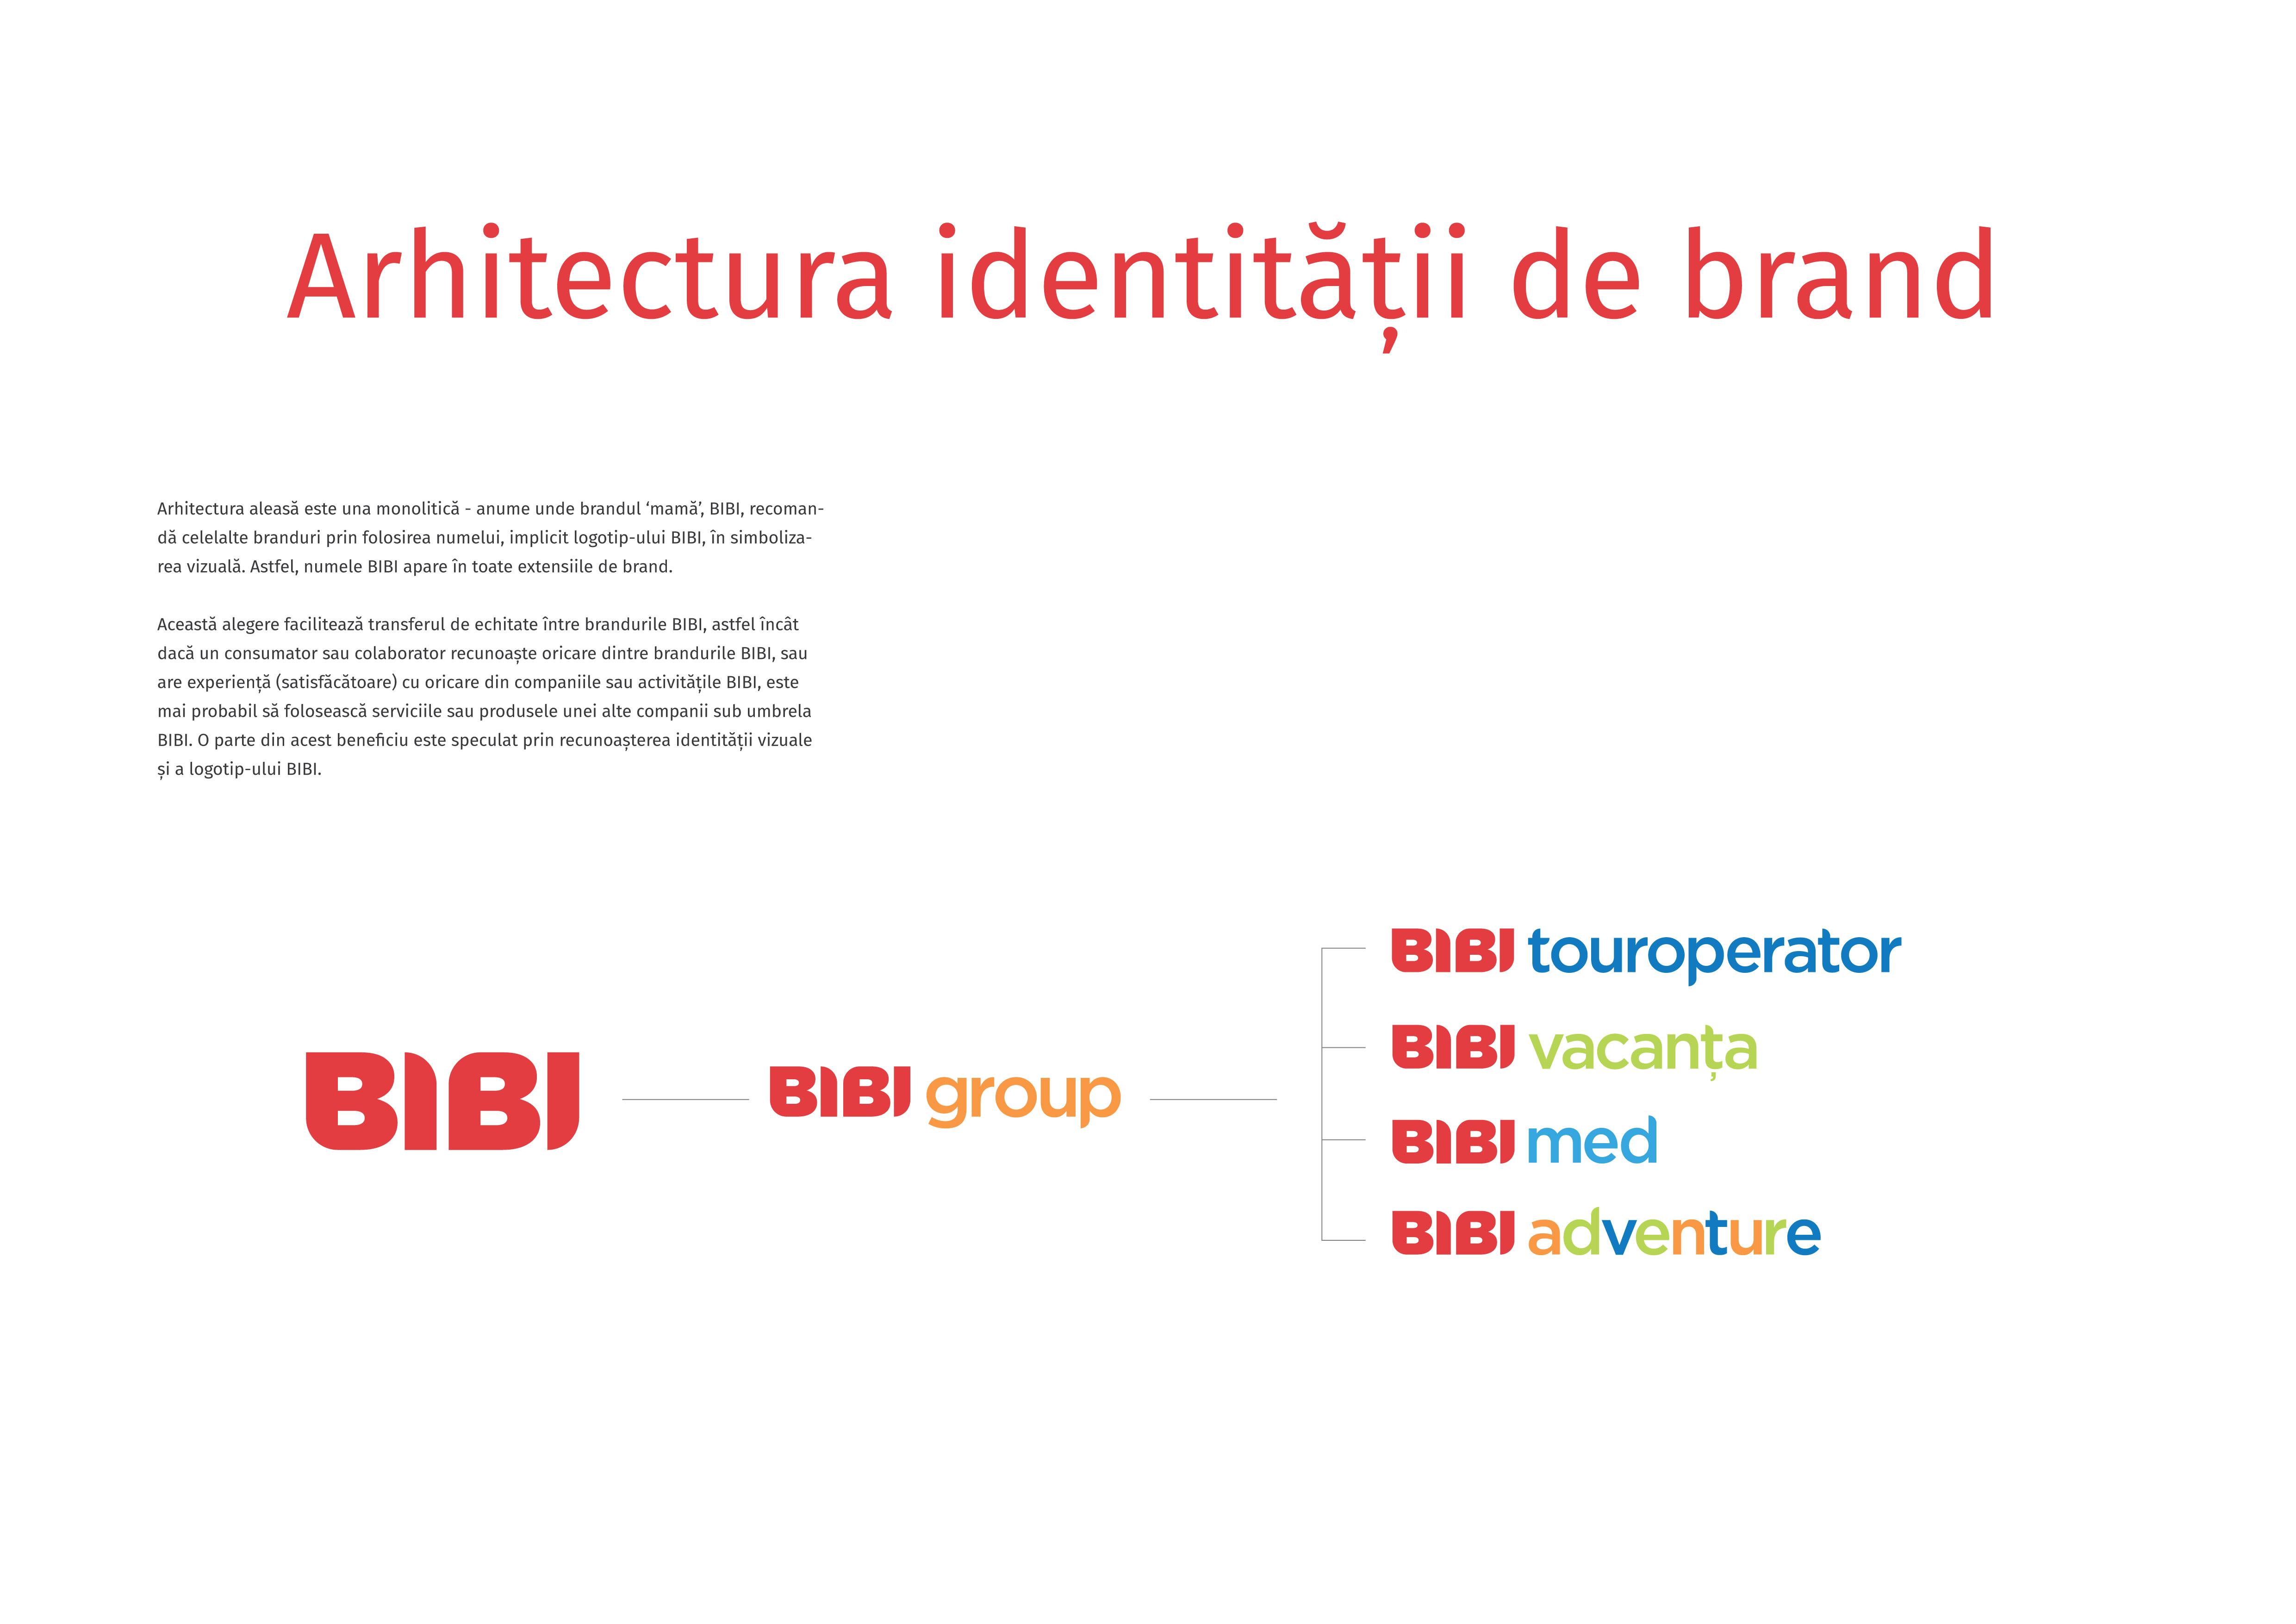 bibi-touroperator-rebranding-05